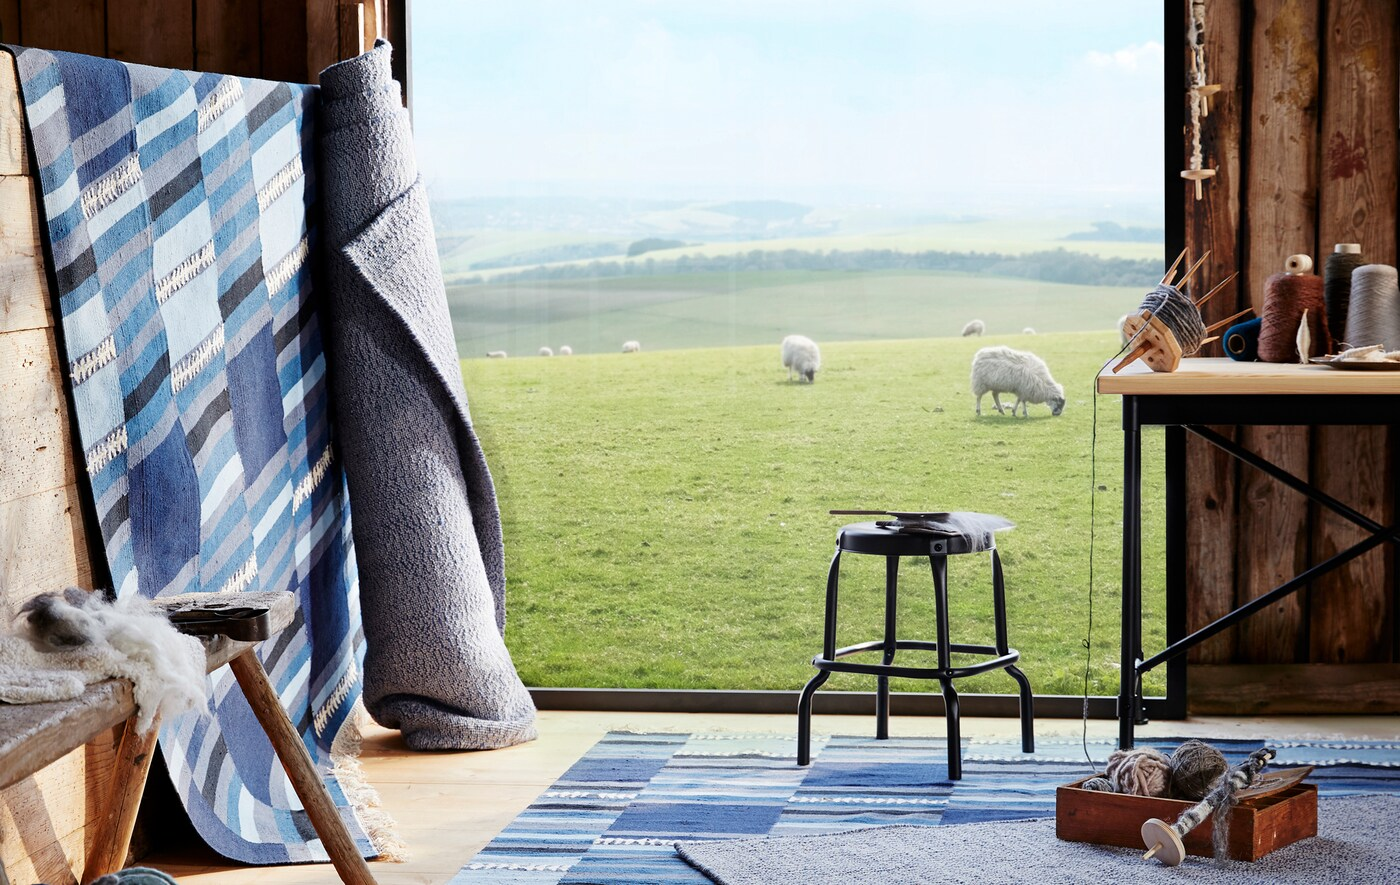 Ковры в сине-серой гамме, лежащие на полу и сложенные в рулон в помещении из дерева, с видом на пасущихся на поляне овец.